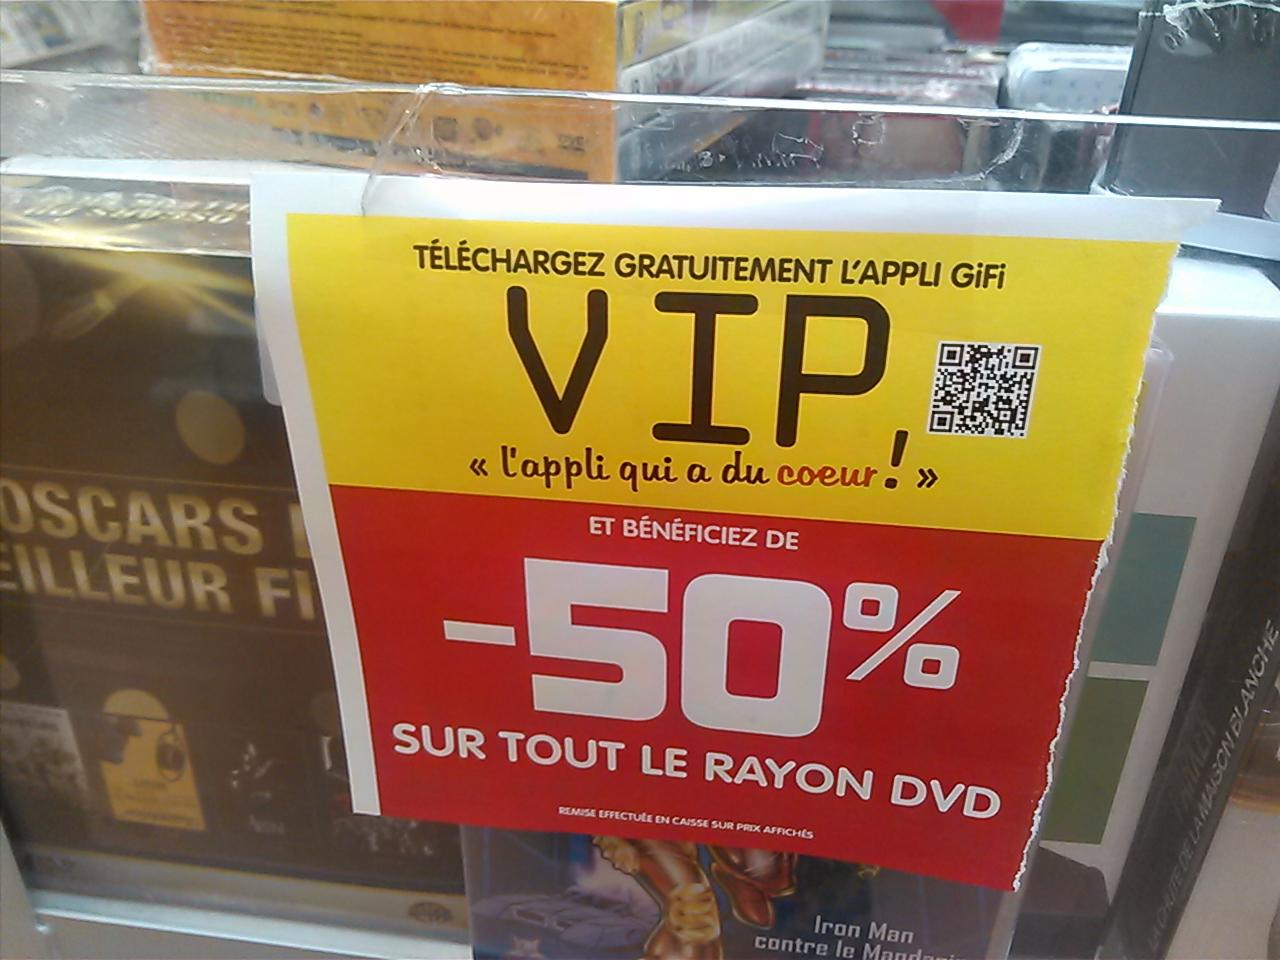 -50% sur l'ensemble du rayon DVD et Blu-ray